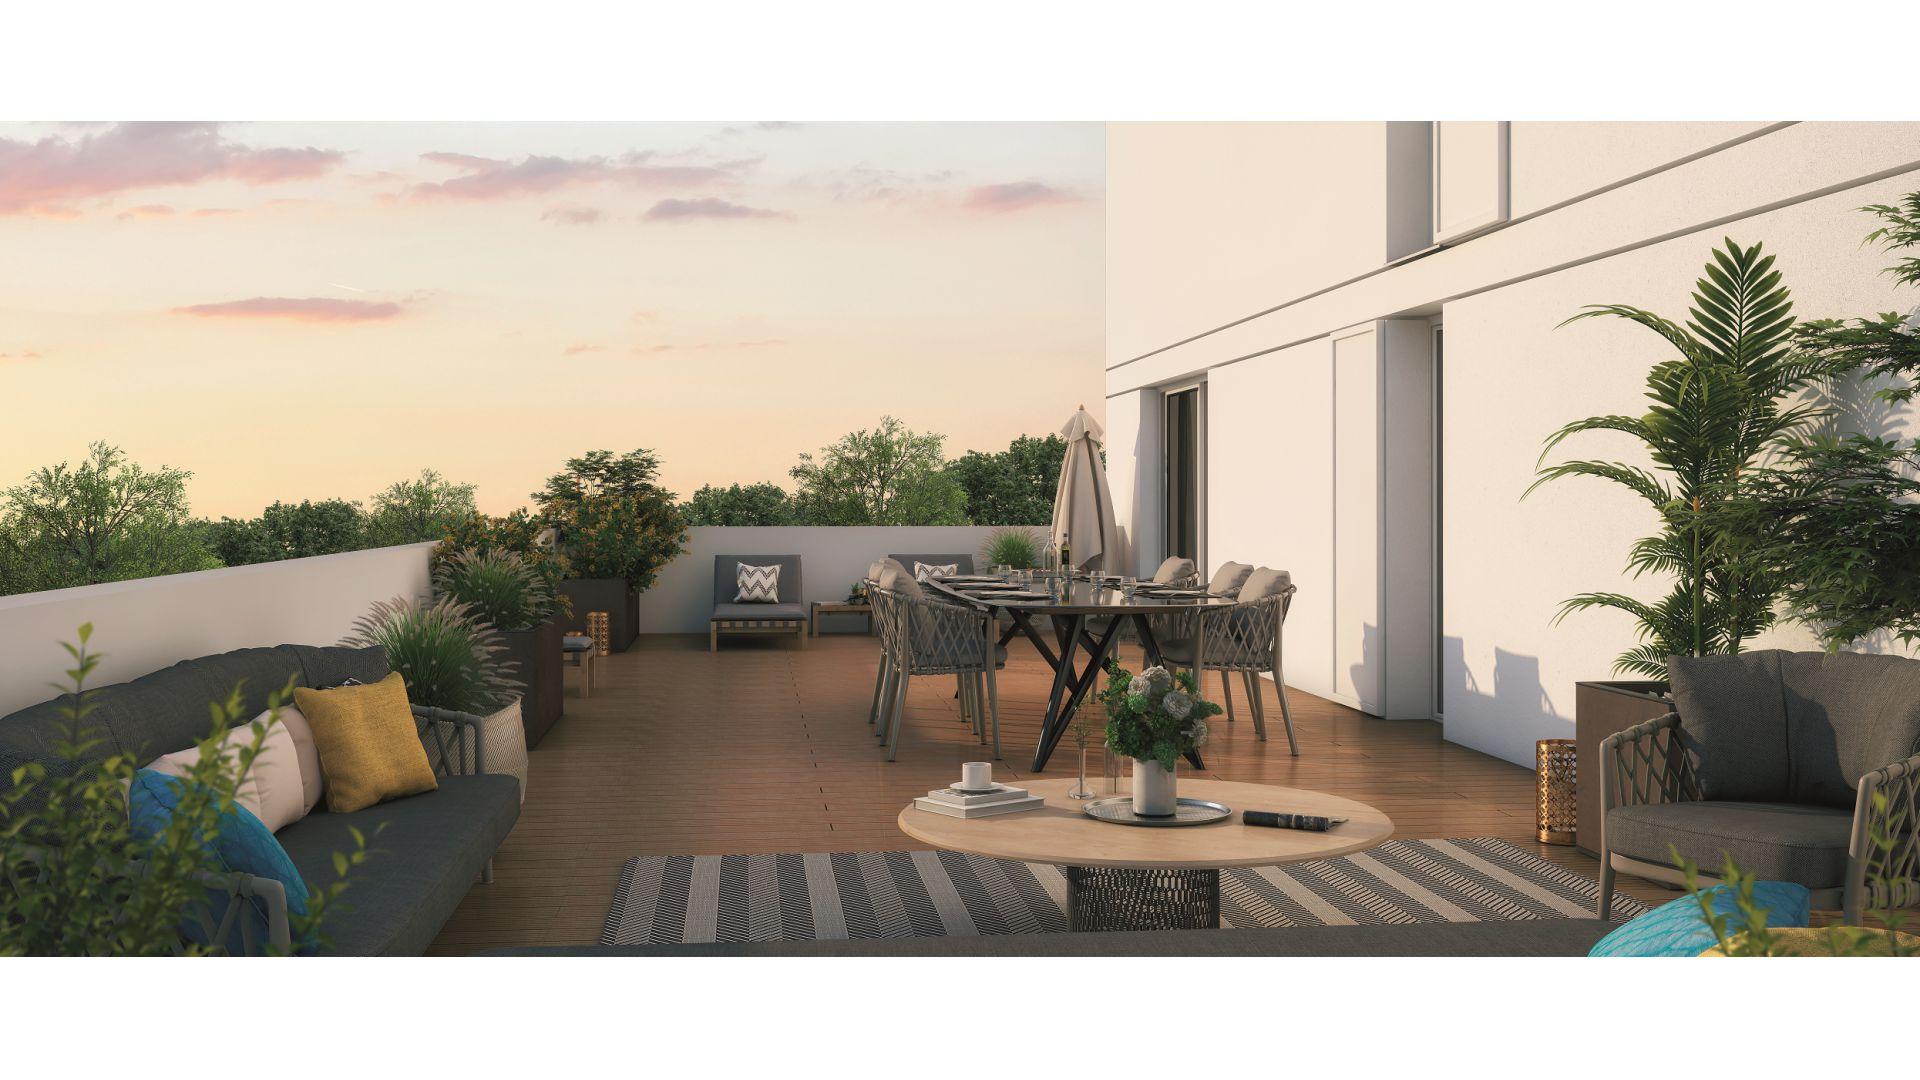 Greencity Immobilier - Résidence Coeur Floréal - 31200 Toulouse Minimes - appartements neufs du T1 au T4 - vue terrasse